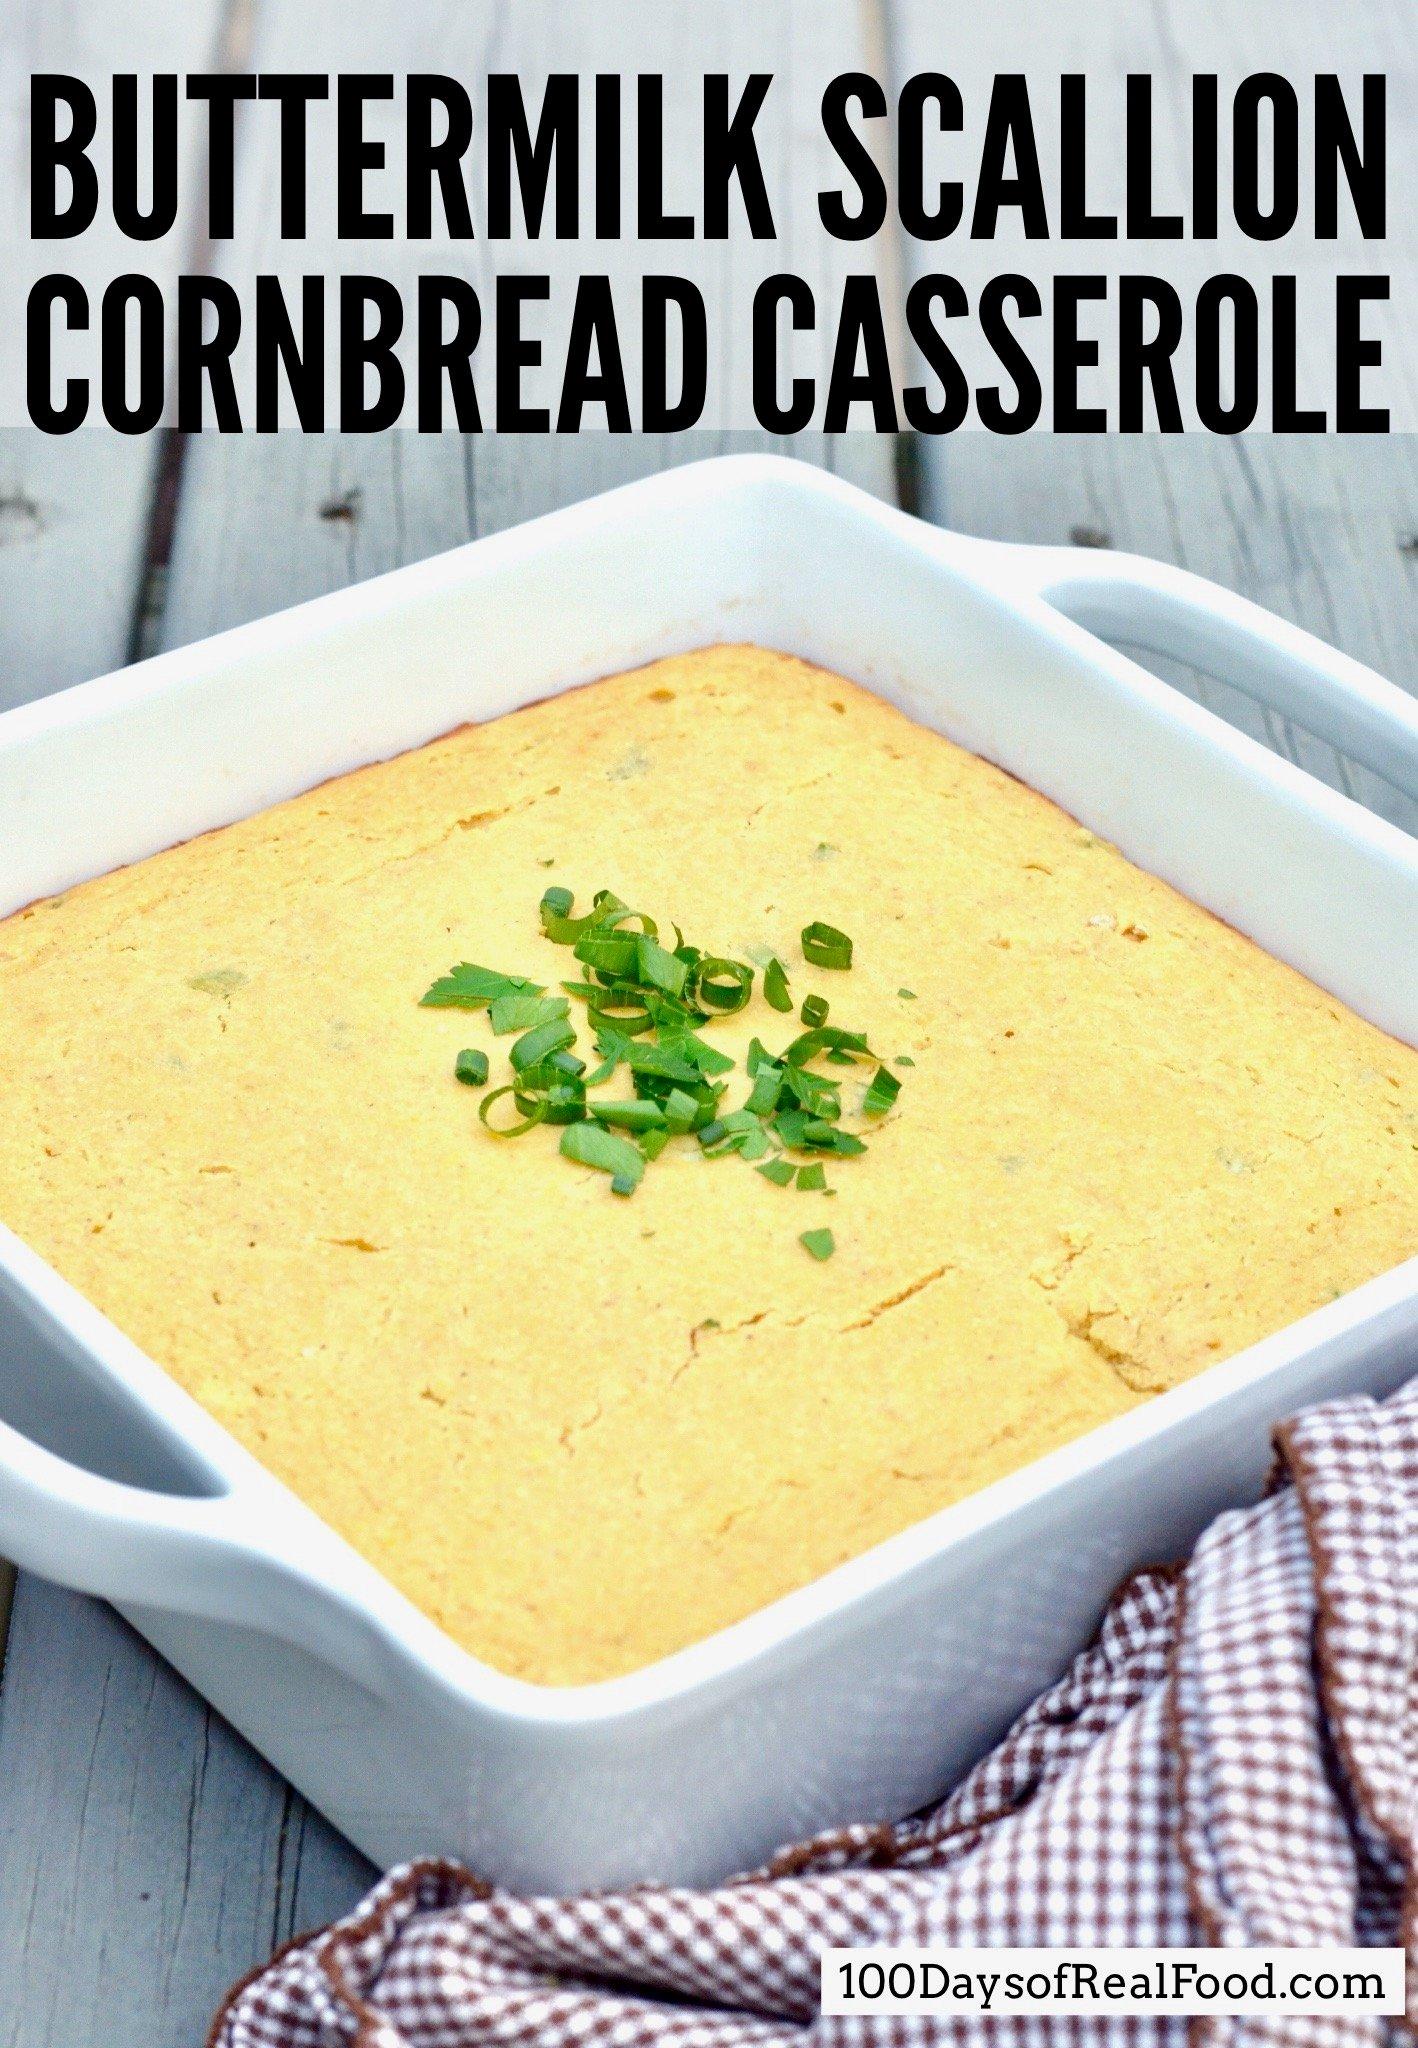 Buttermilk Scallion Cornbread Casserole in a white baking dish on a table